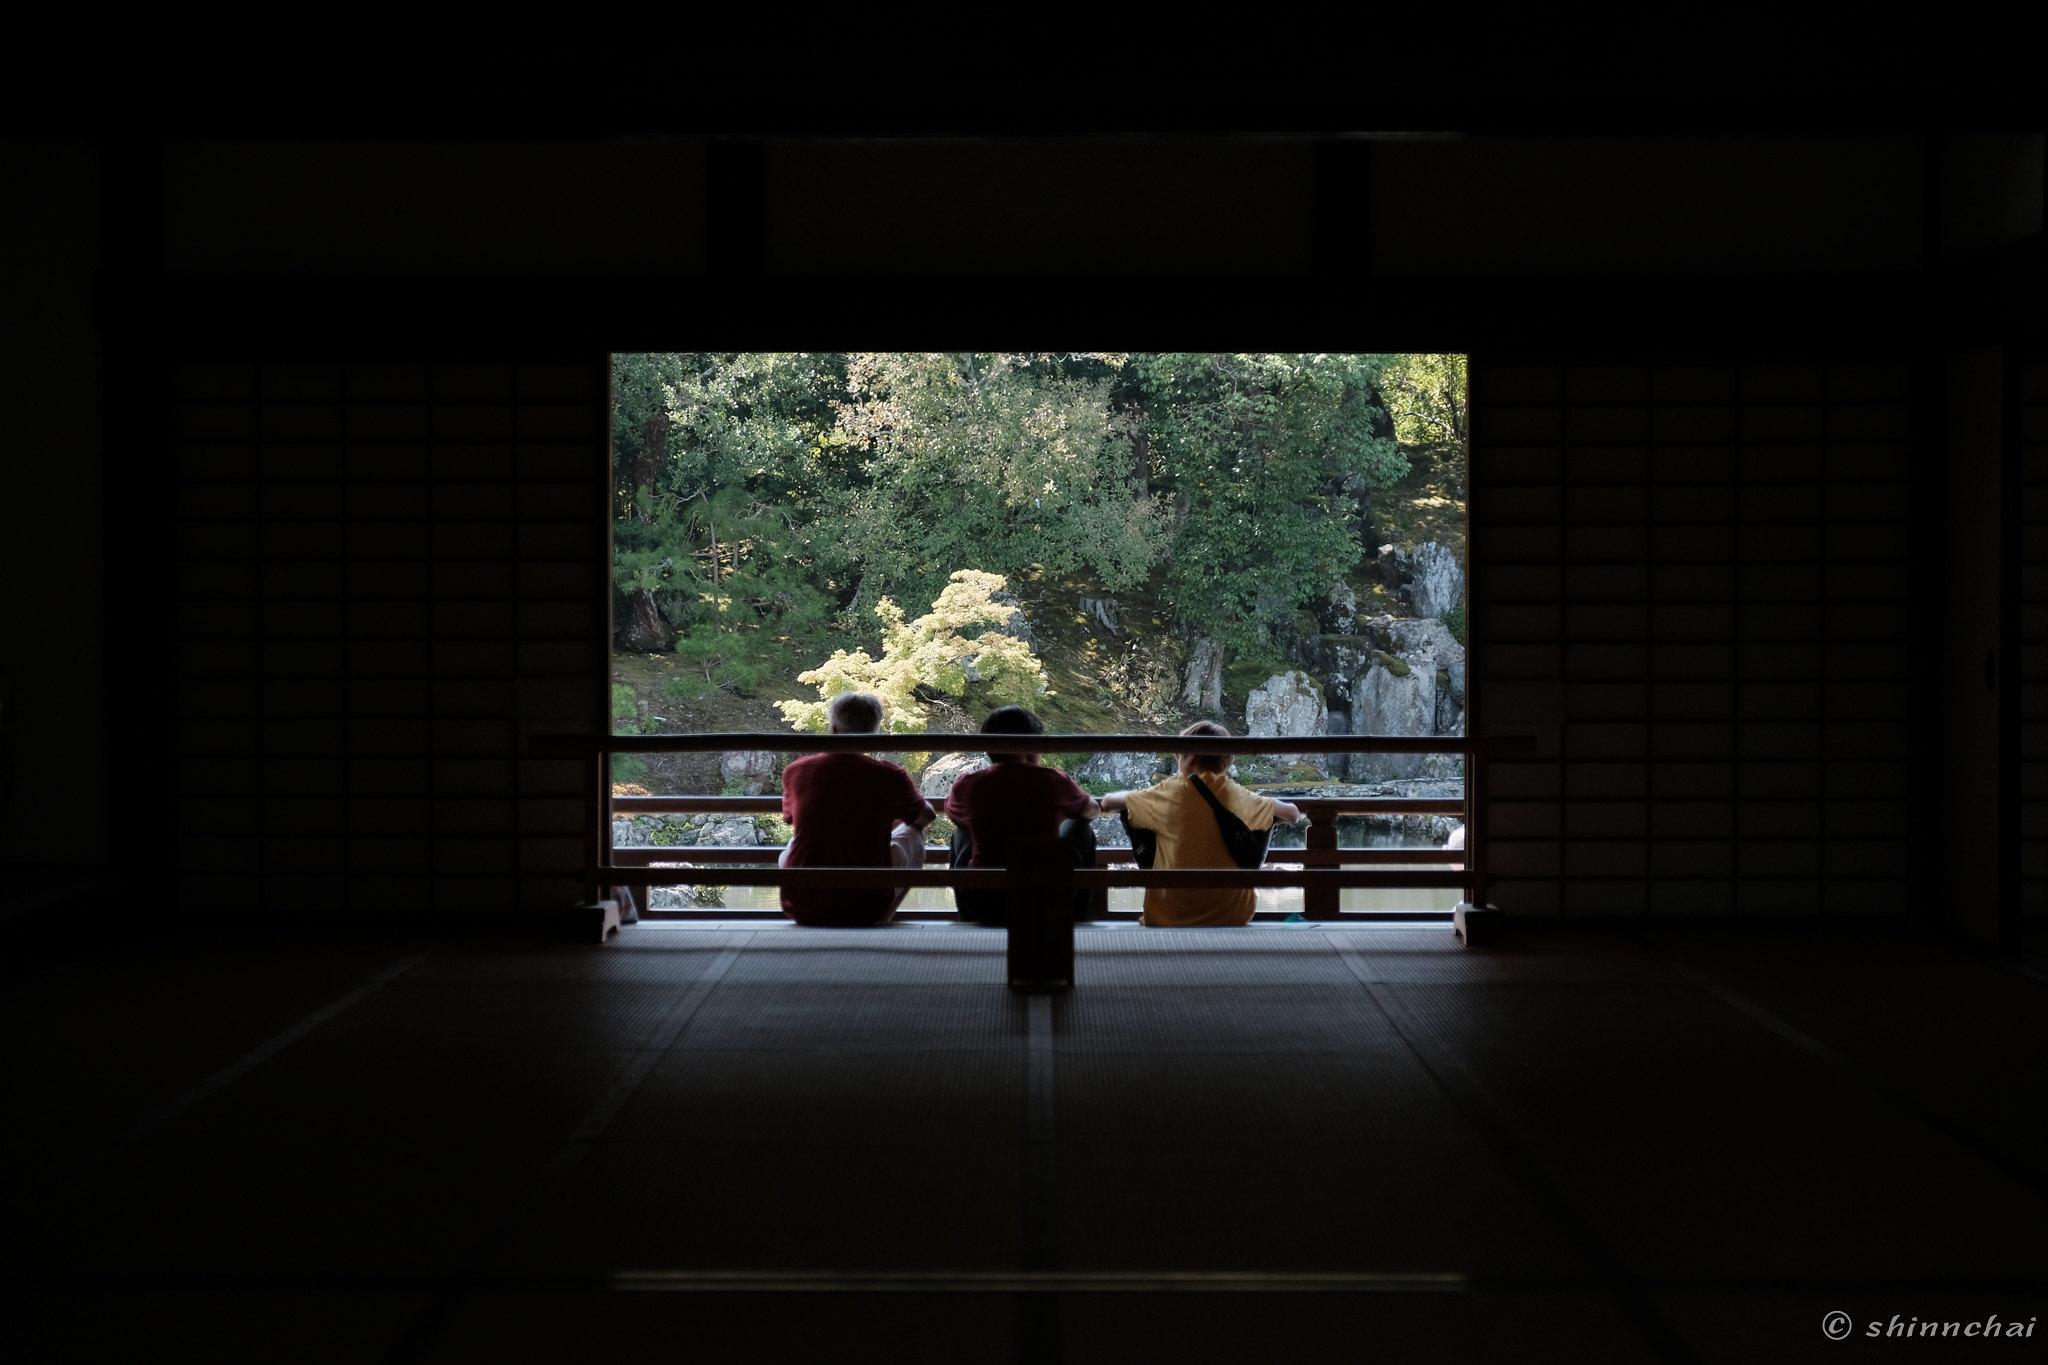 ズームレンズ 単焦点レンズ 比較画像 画質 京都 寺院